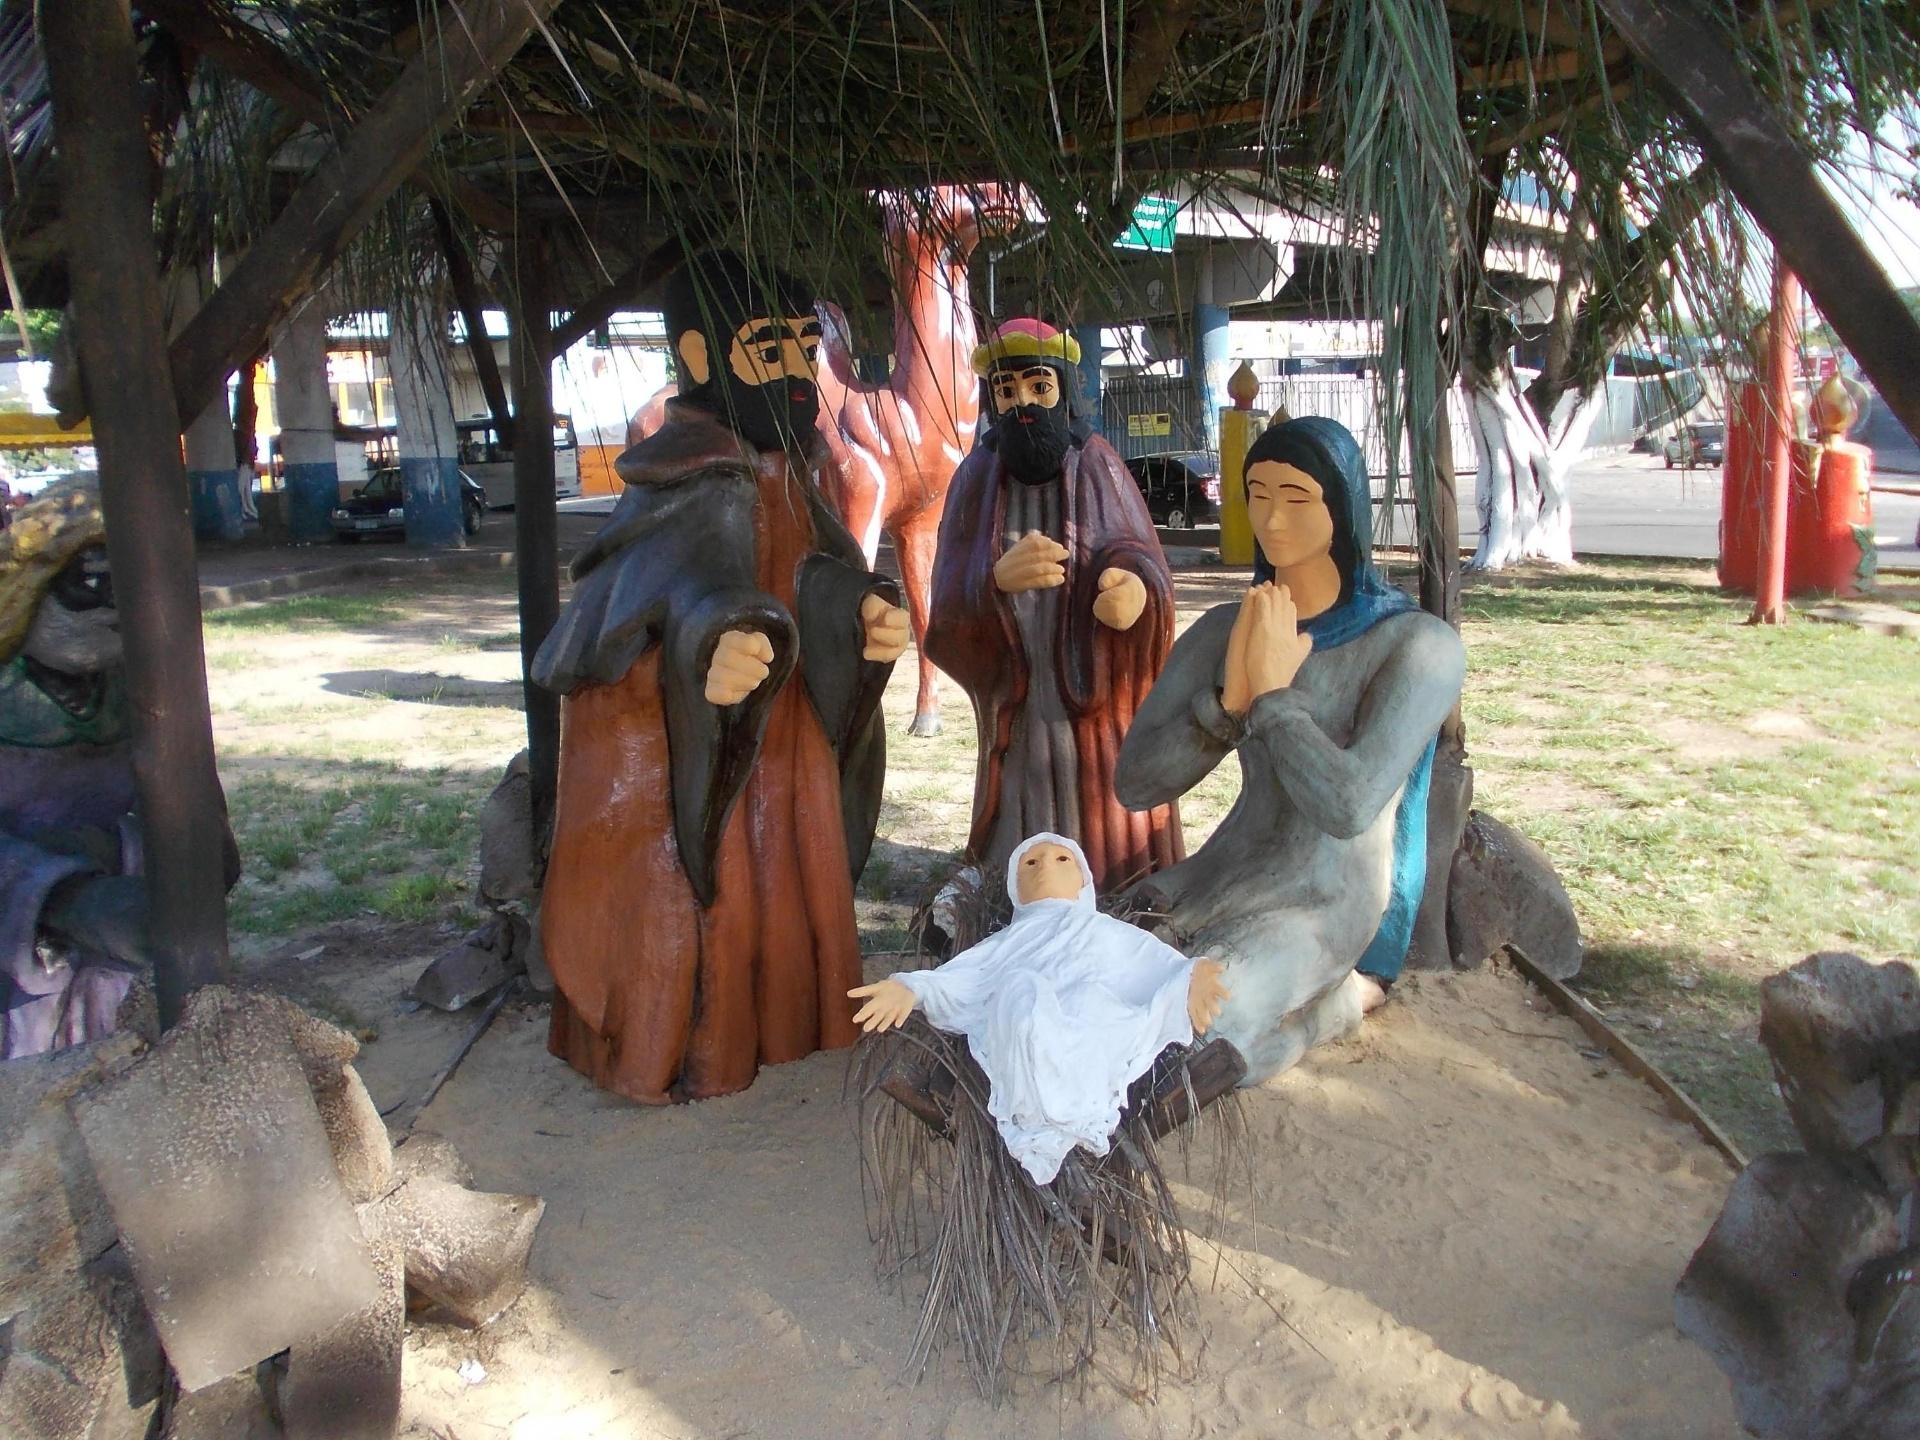 17.dez.2014 - Presépio de Natal é visto embaixo do viaduto Negrão de Lima, em Madureira, na zona norte do Rio de Janeiro (RJ), nesta quarta-feira (17)